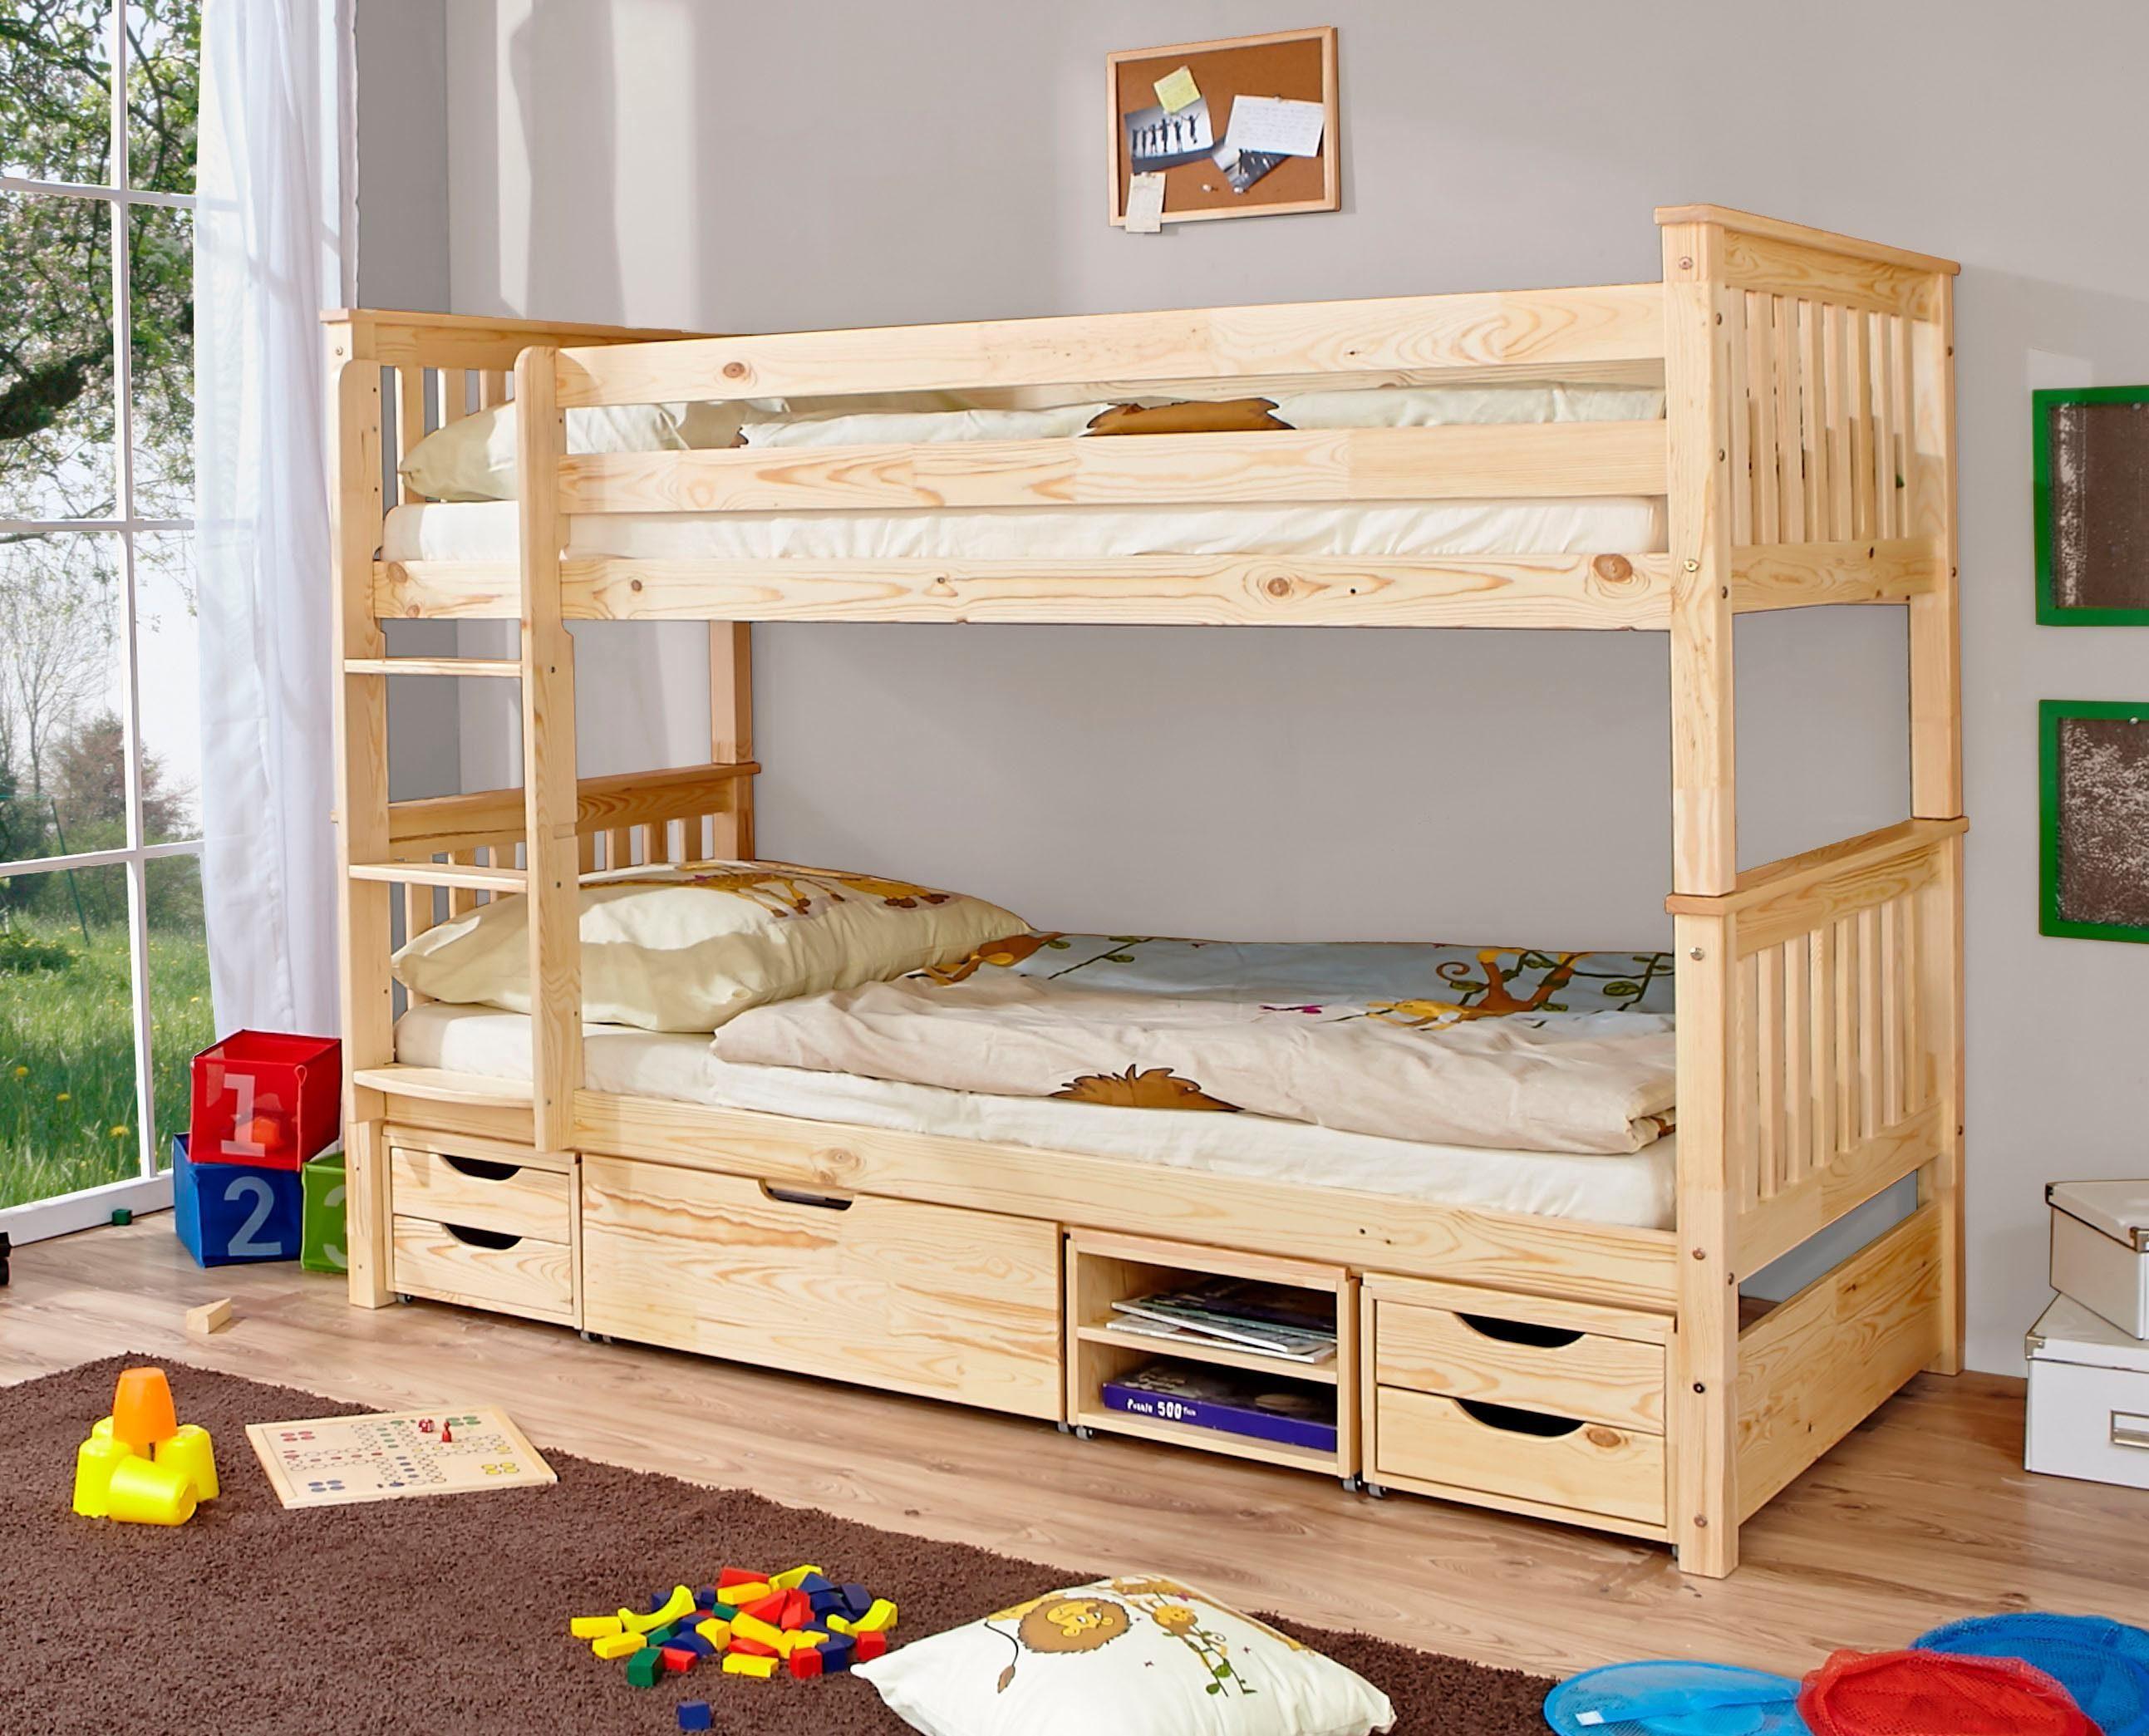 Etagenbett Beni Otto S : Kinder etagenbett stockbett hochbett von relita in bayern